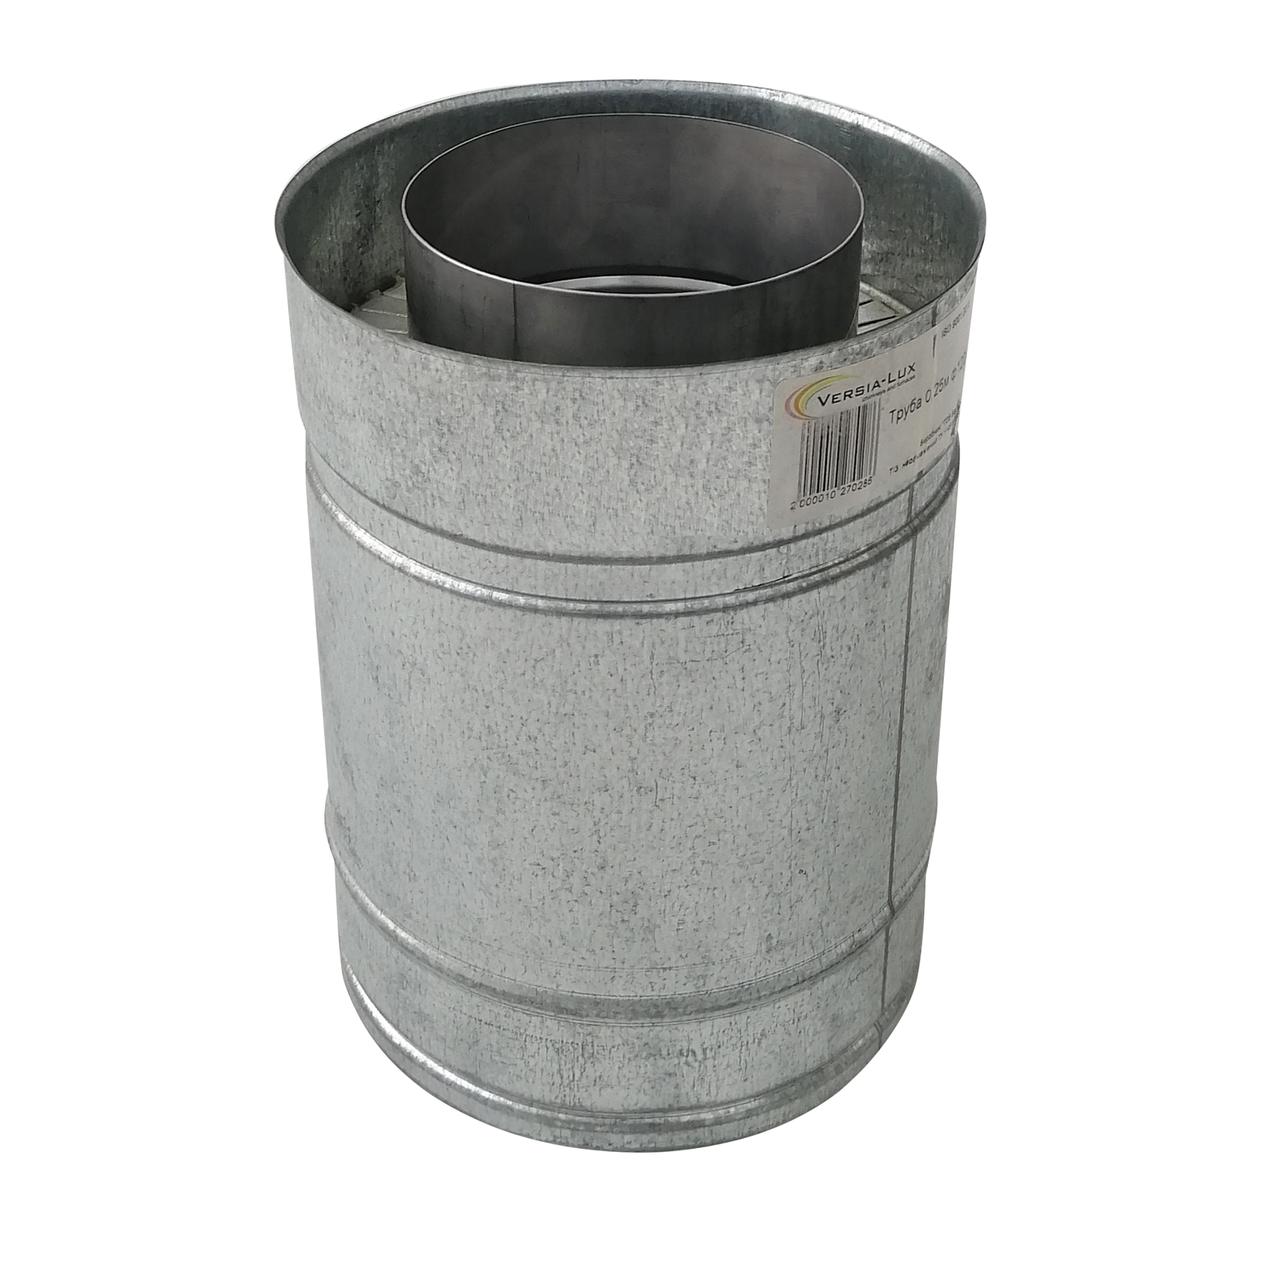 Труба дымоходная сэндвич d 200 мм; 1 мм; AISI 304; 25 см; нержавейка/оцинковка - «Версия Люкс»